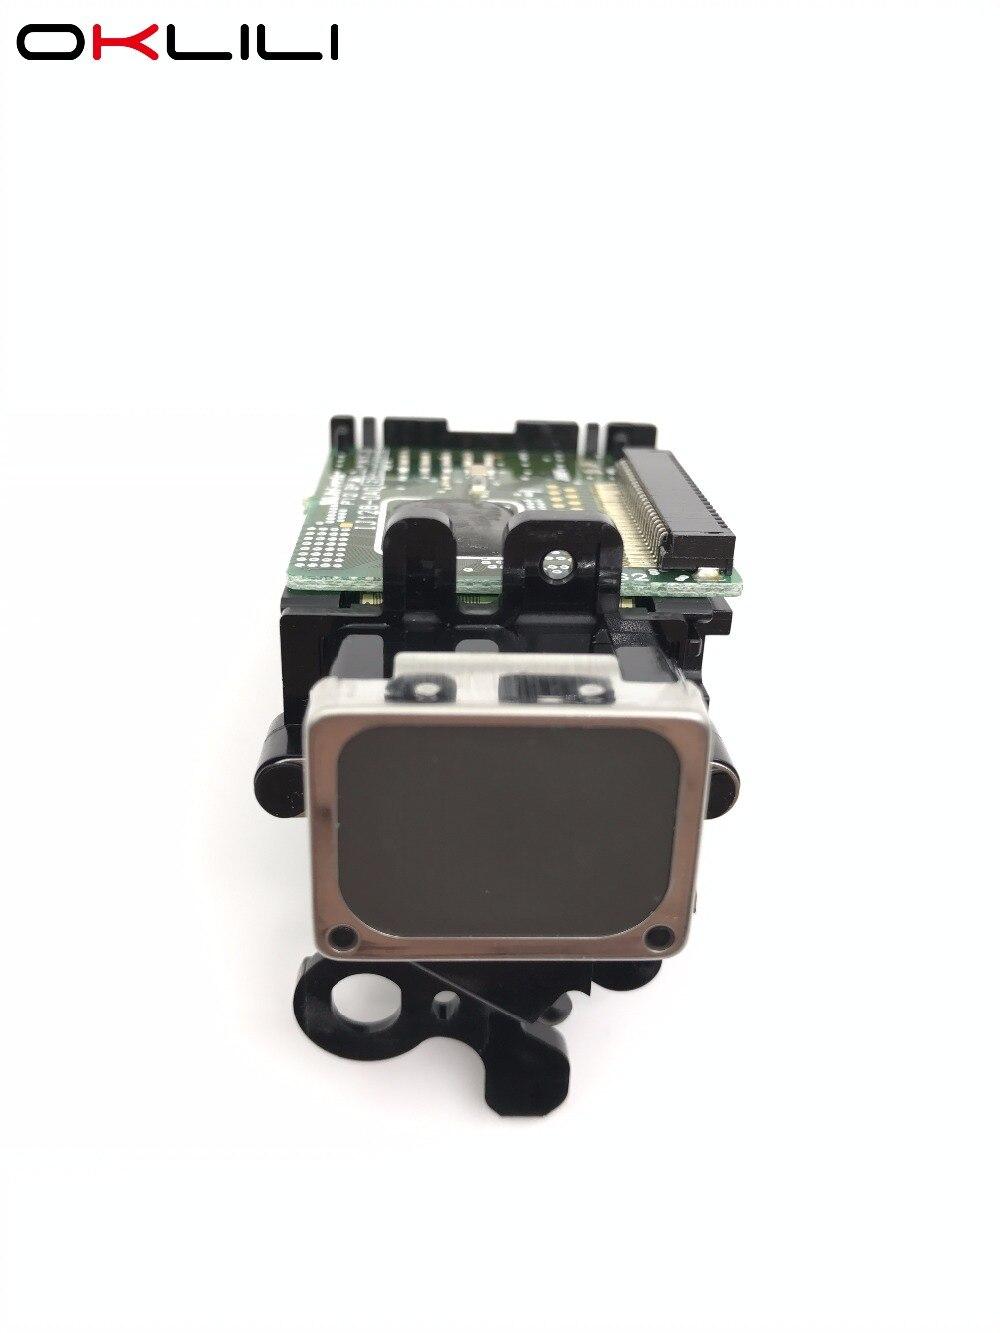 F056010 BLACK Printhead Printer Print Head for Mutoh Rockhopper 48 62 38 RJ-800 RJ-4000 RJ-4100 RJ-6100-46 RJ-6100 RJ-6000